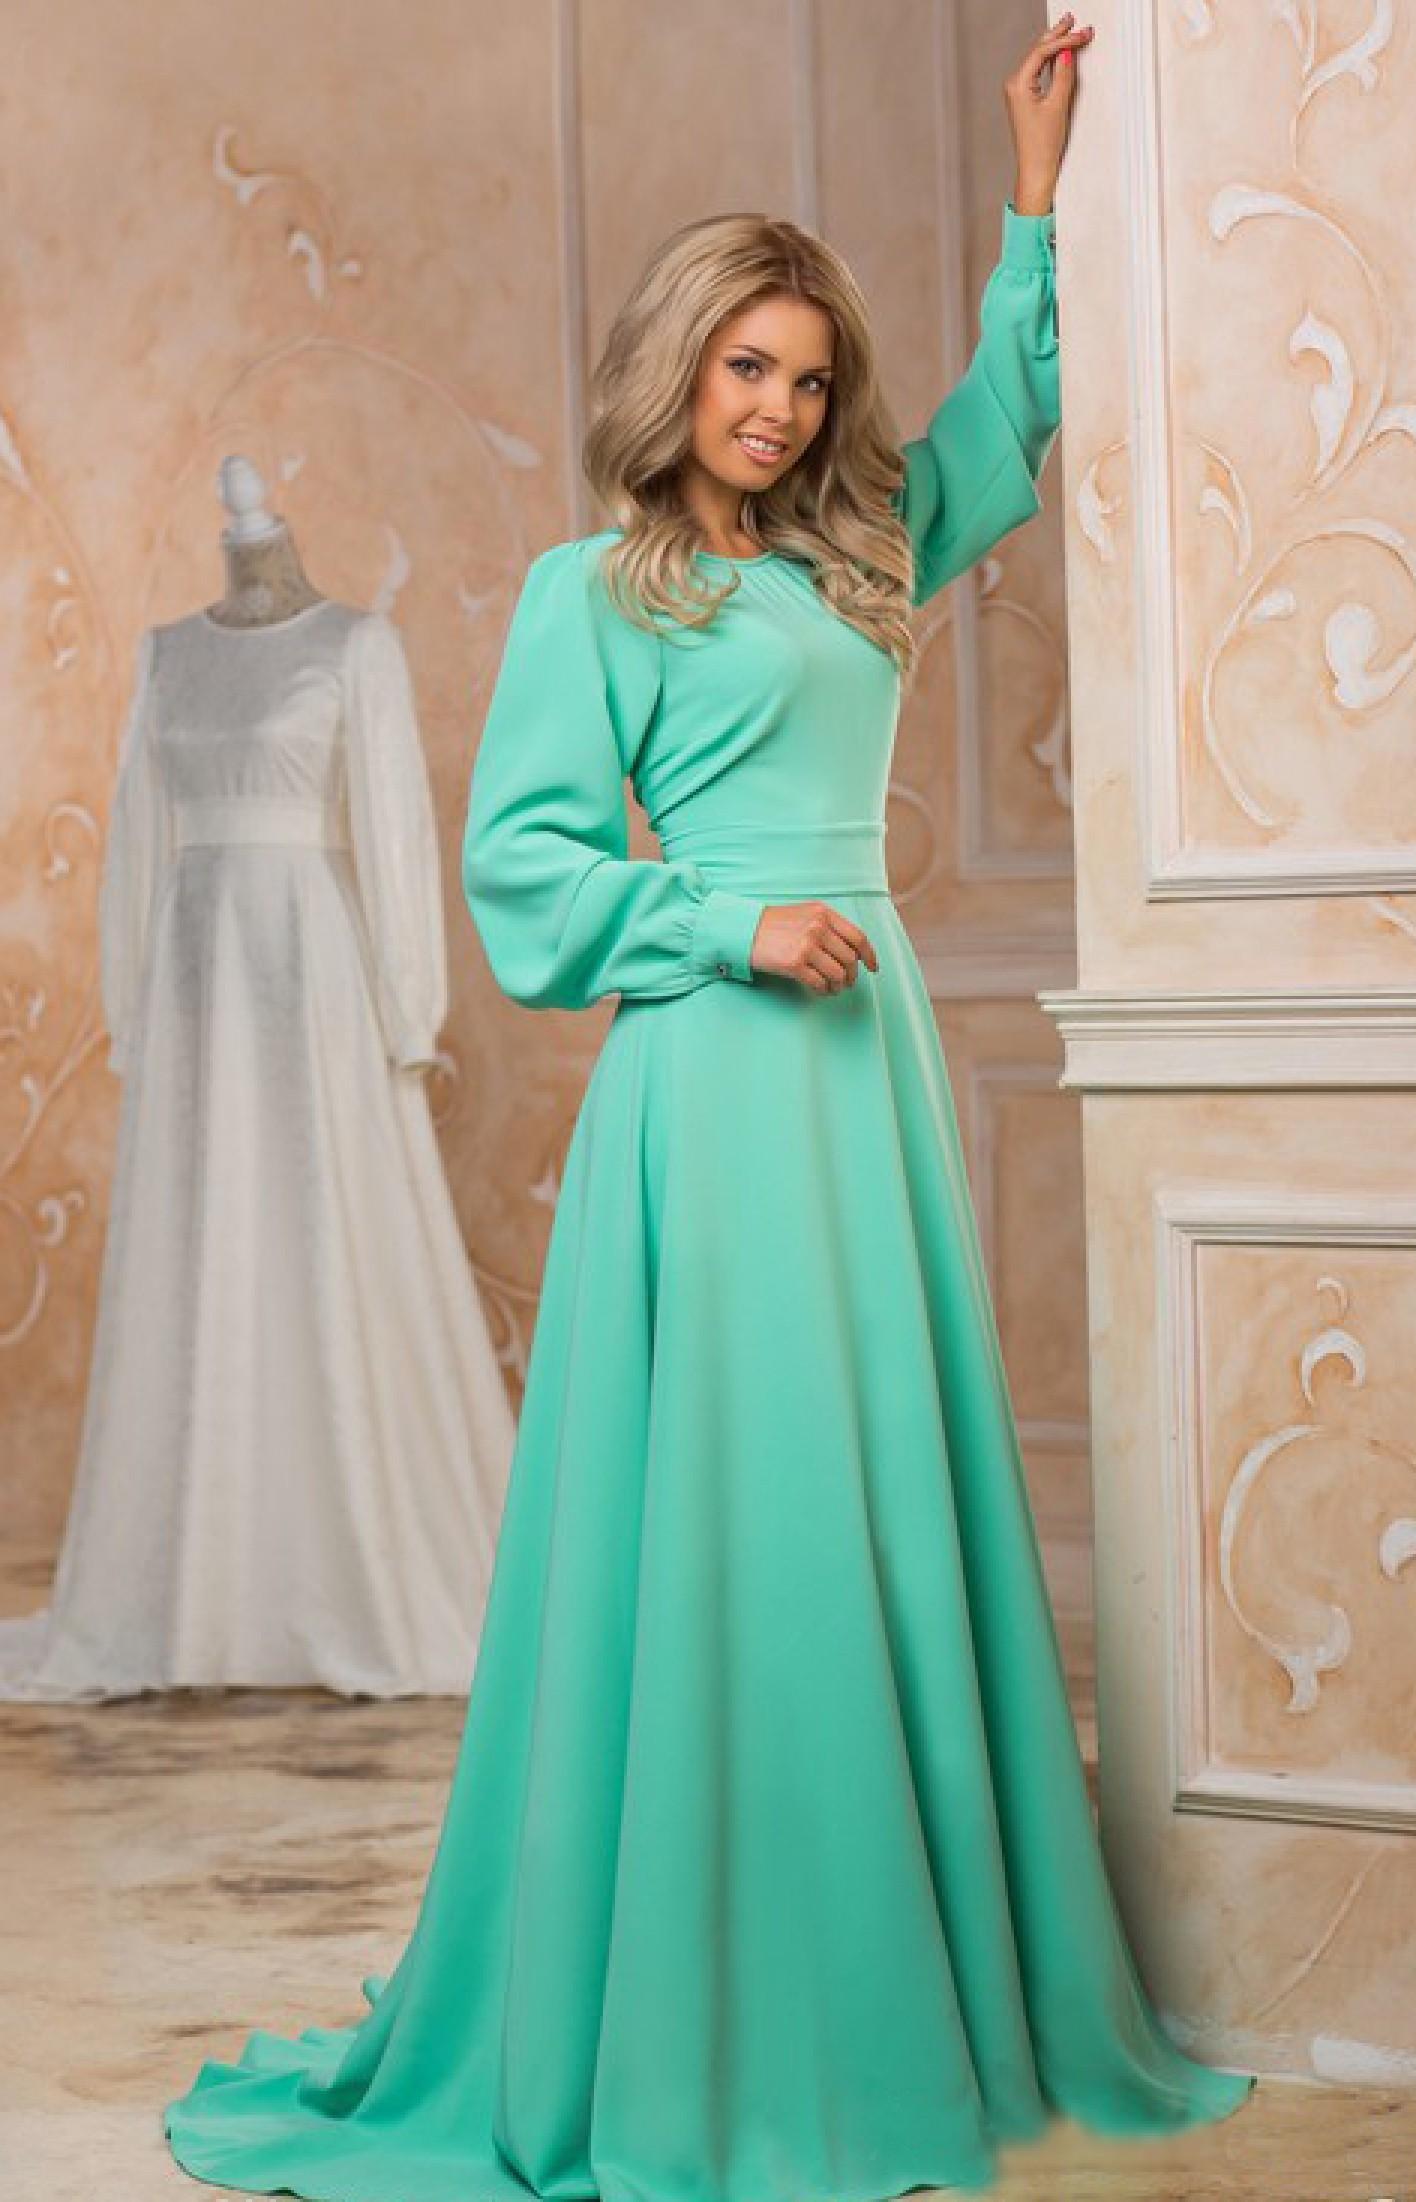 2739513c44f Купить длинное платье в пол с открытой спиной. Пошив дизайнерского платья  на заказ. Интернет магазин длиных платьев Радэлия